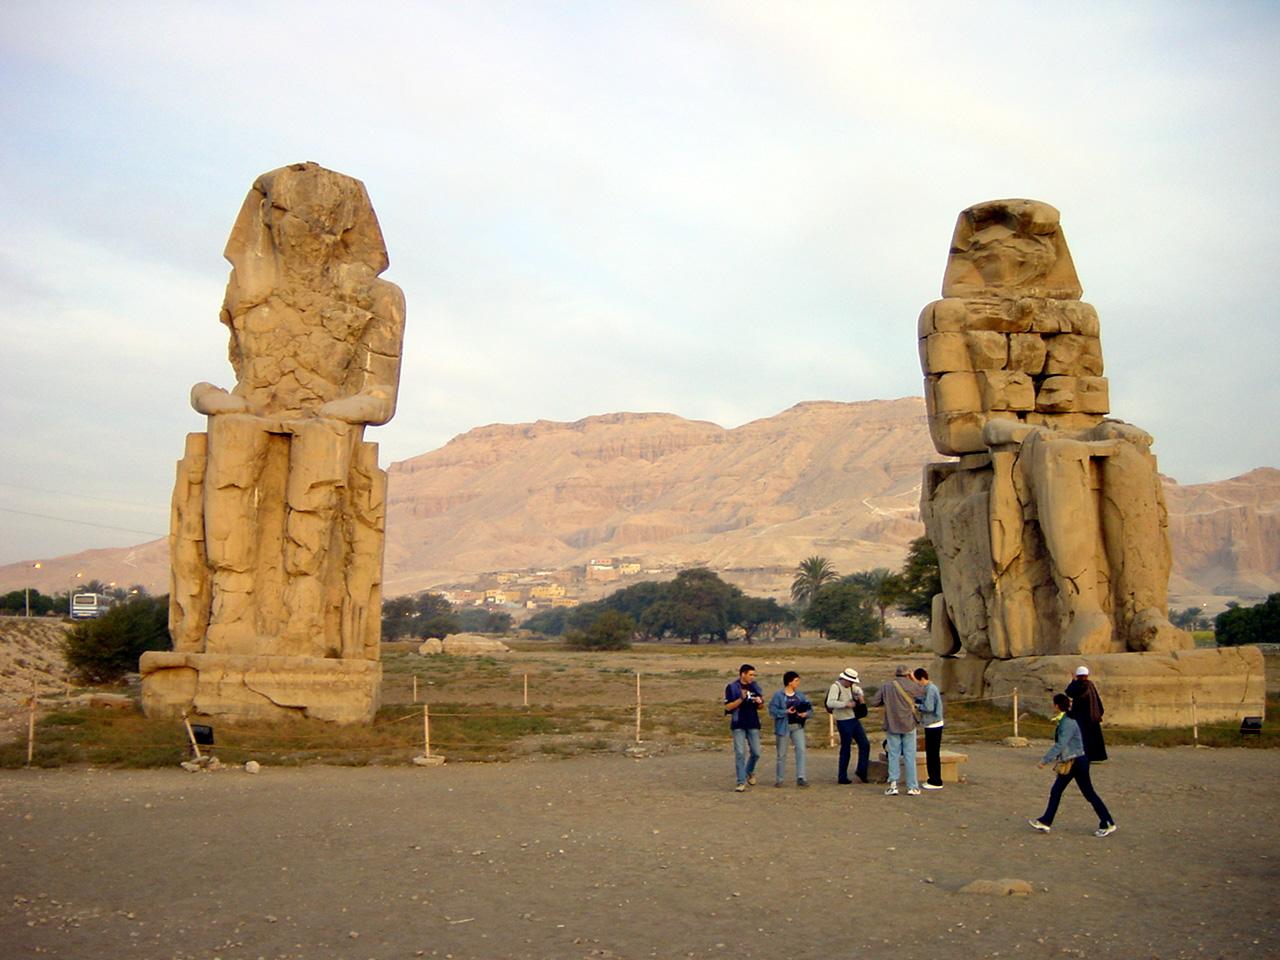 Colosos de Memnón, Medinet Habu